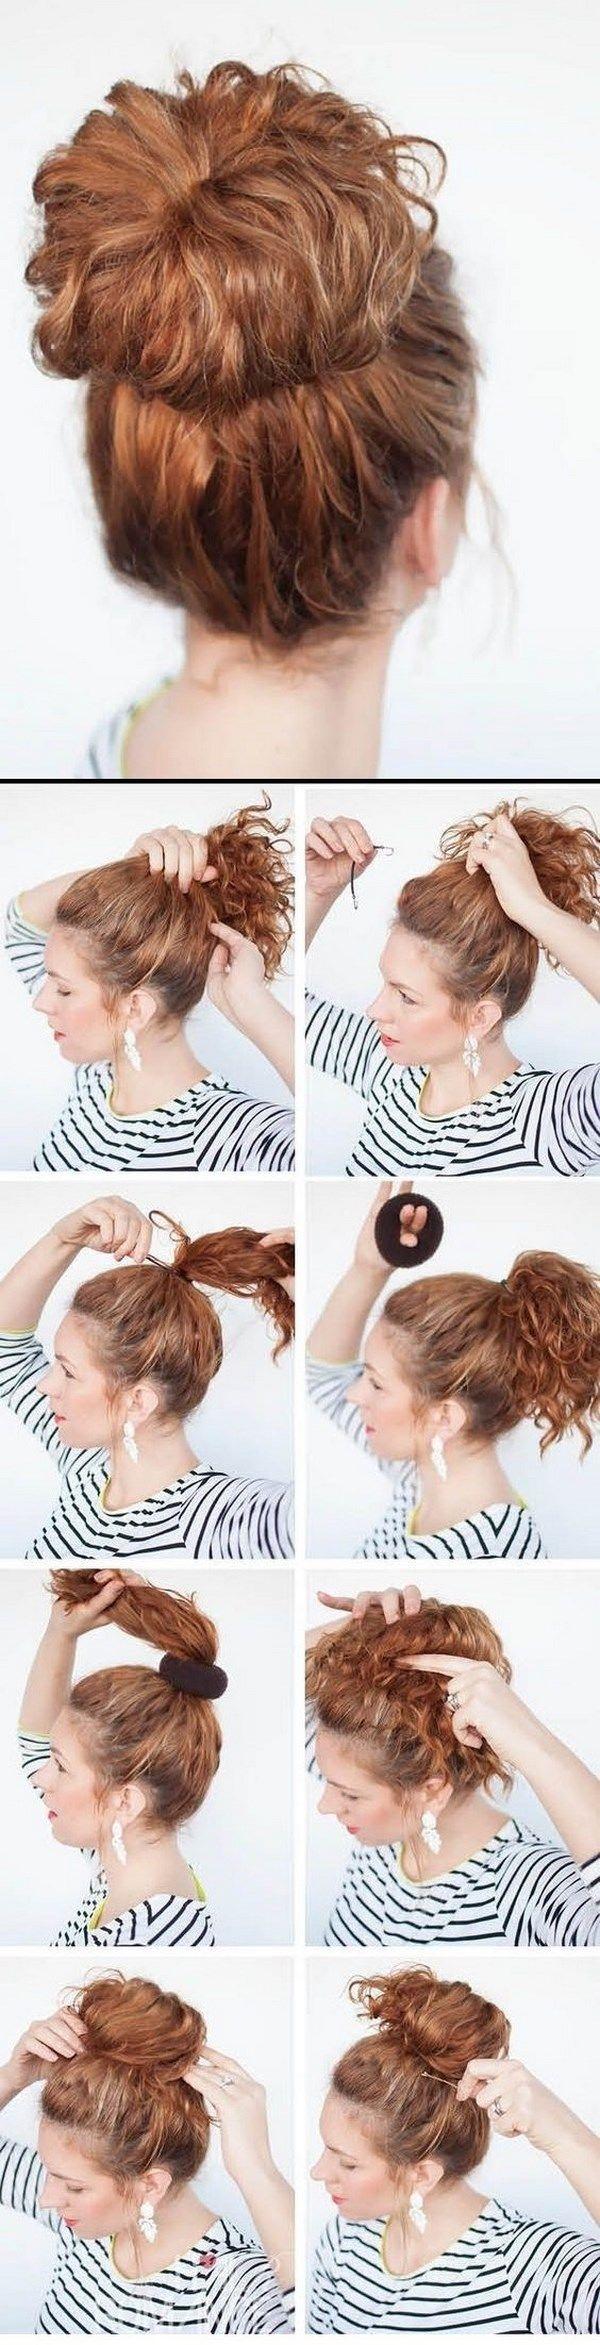 peinado sencillo para cabello rizado